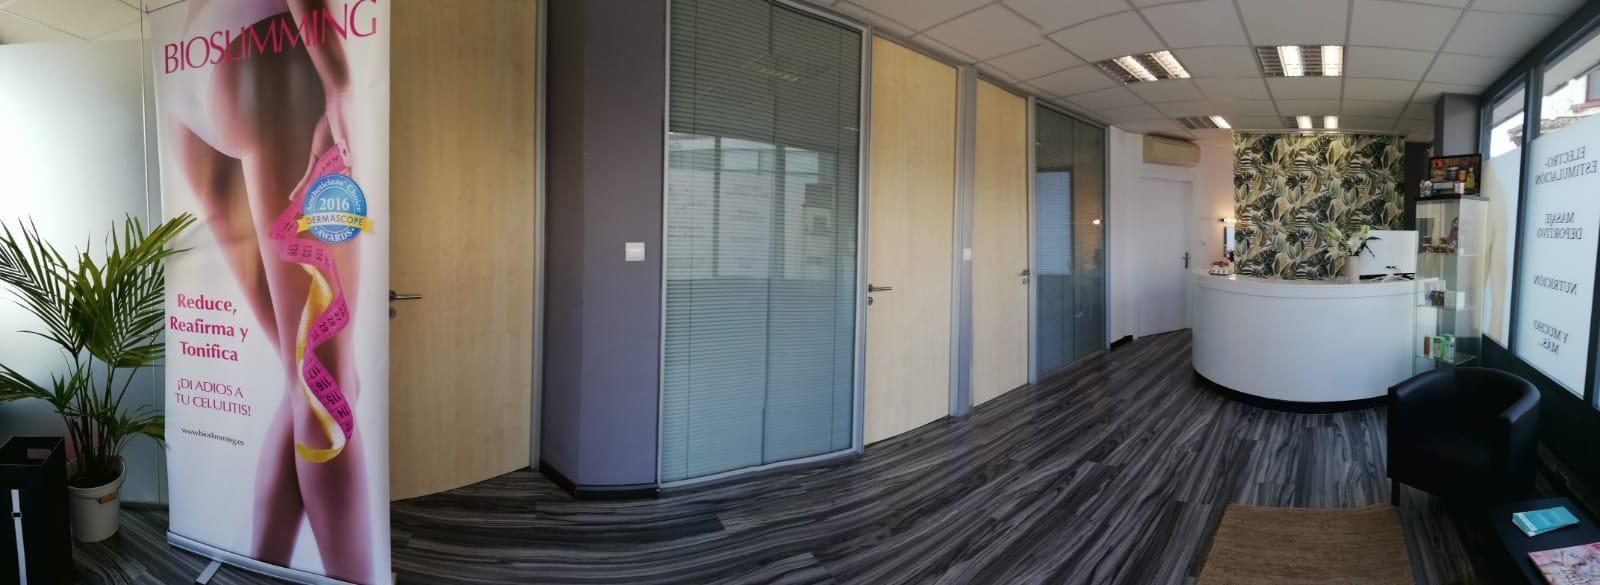 Instalaciones limpias